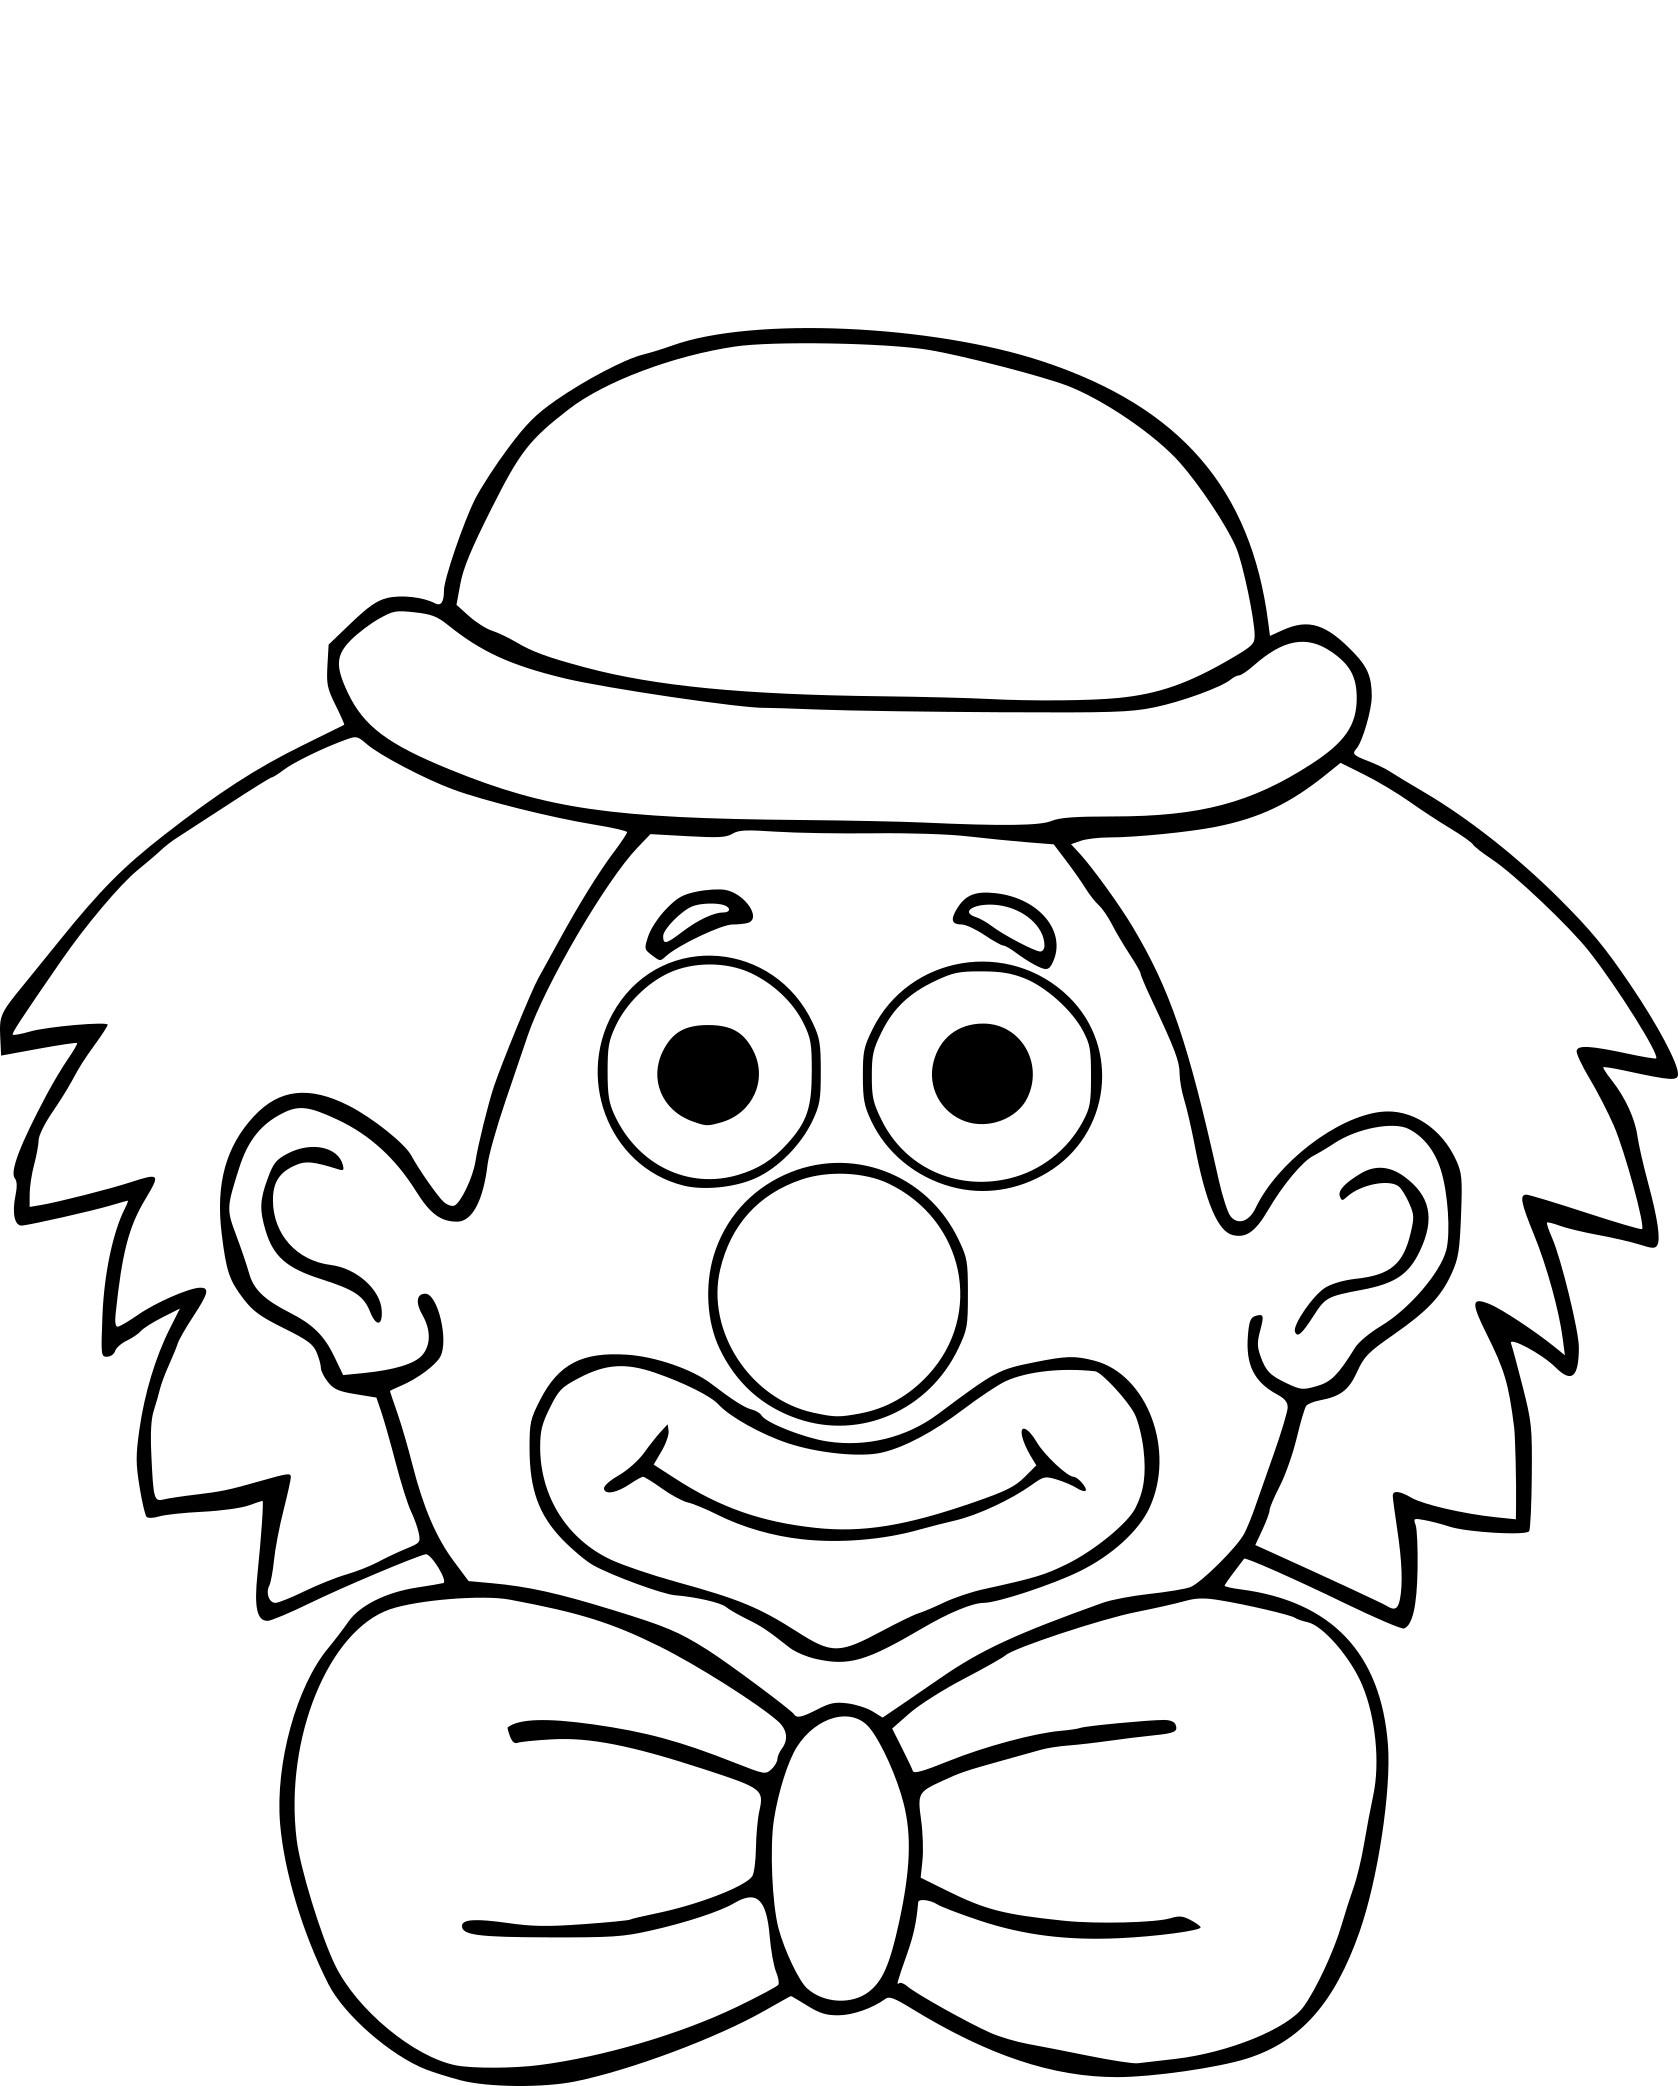 Coloriage Clown Chapeau À Imprimer Sur Coloriages avec Coloriage Tete De Clown